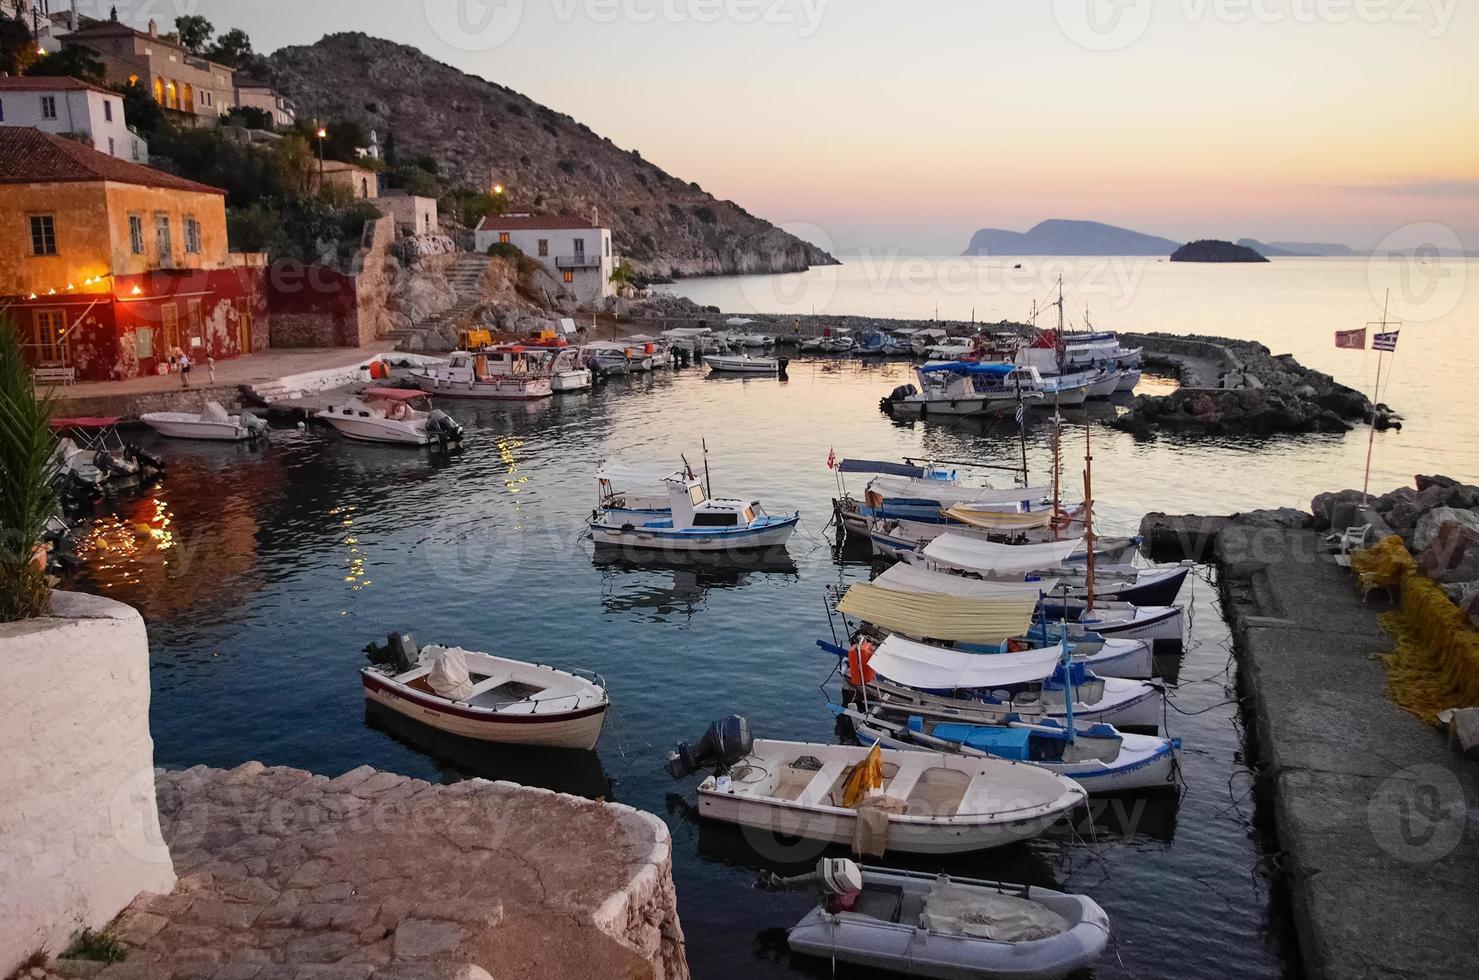 Hafen von Hydra, Griechenland bei Sonnenuntergang foto